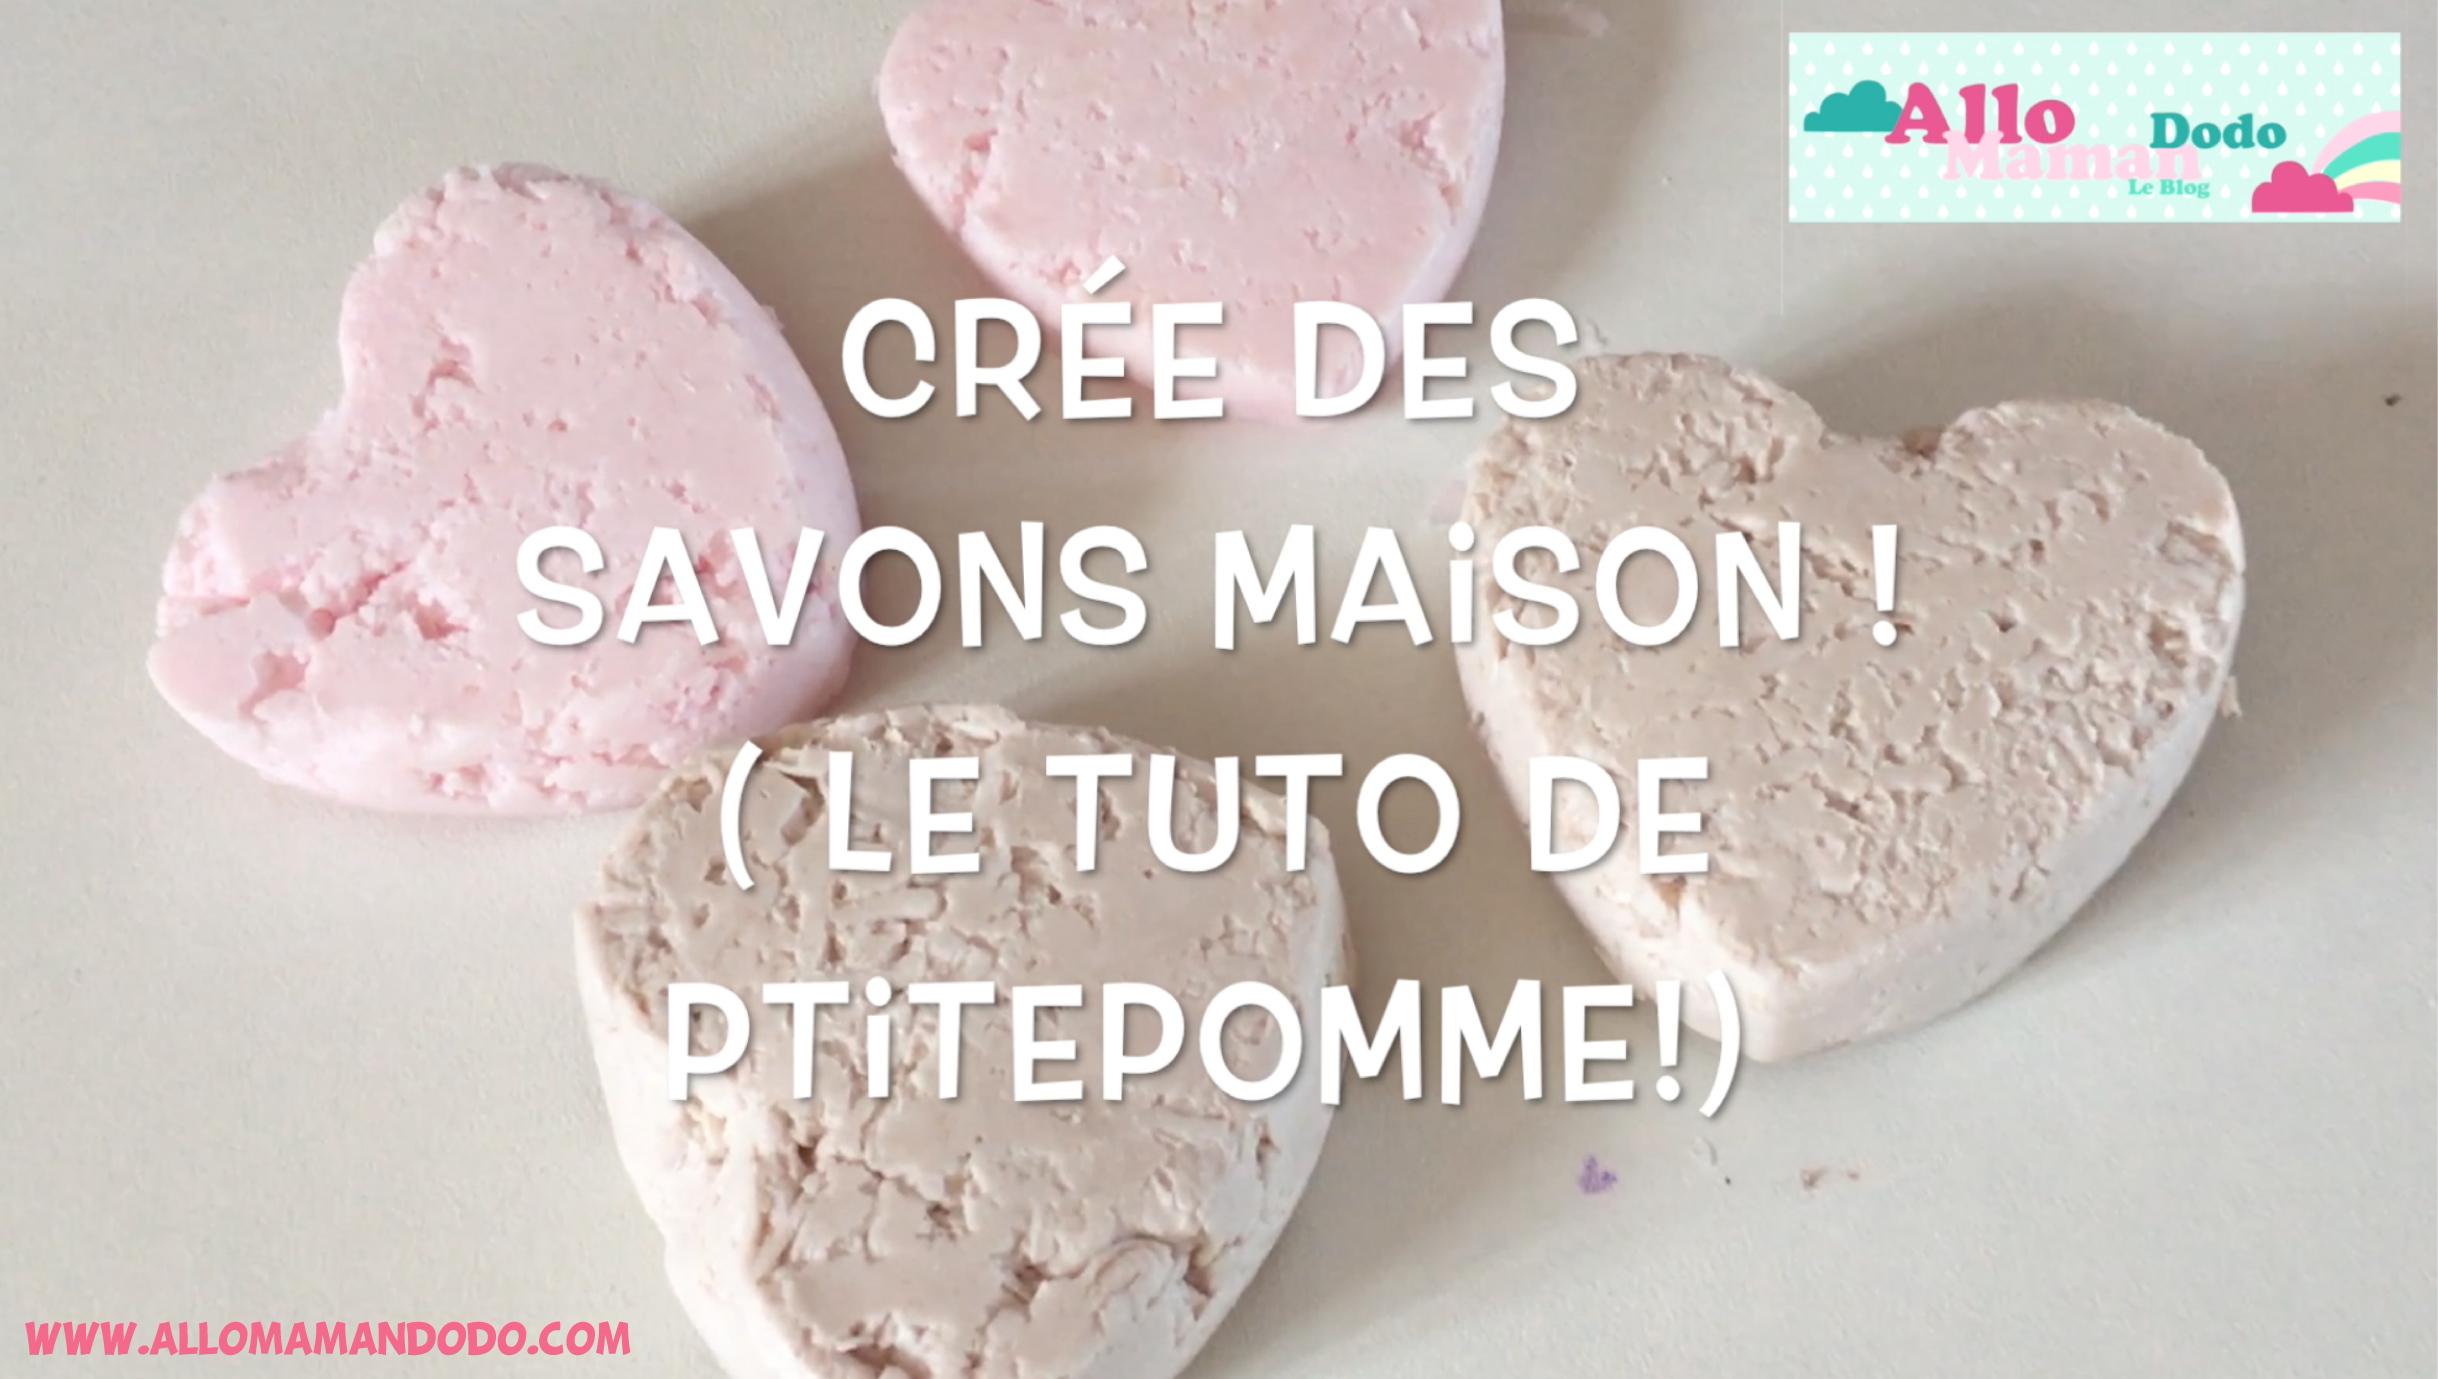 Cr e des savons maison id e cadeau par ptitepomme for Cree des maison